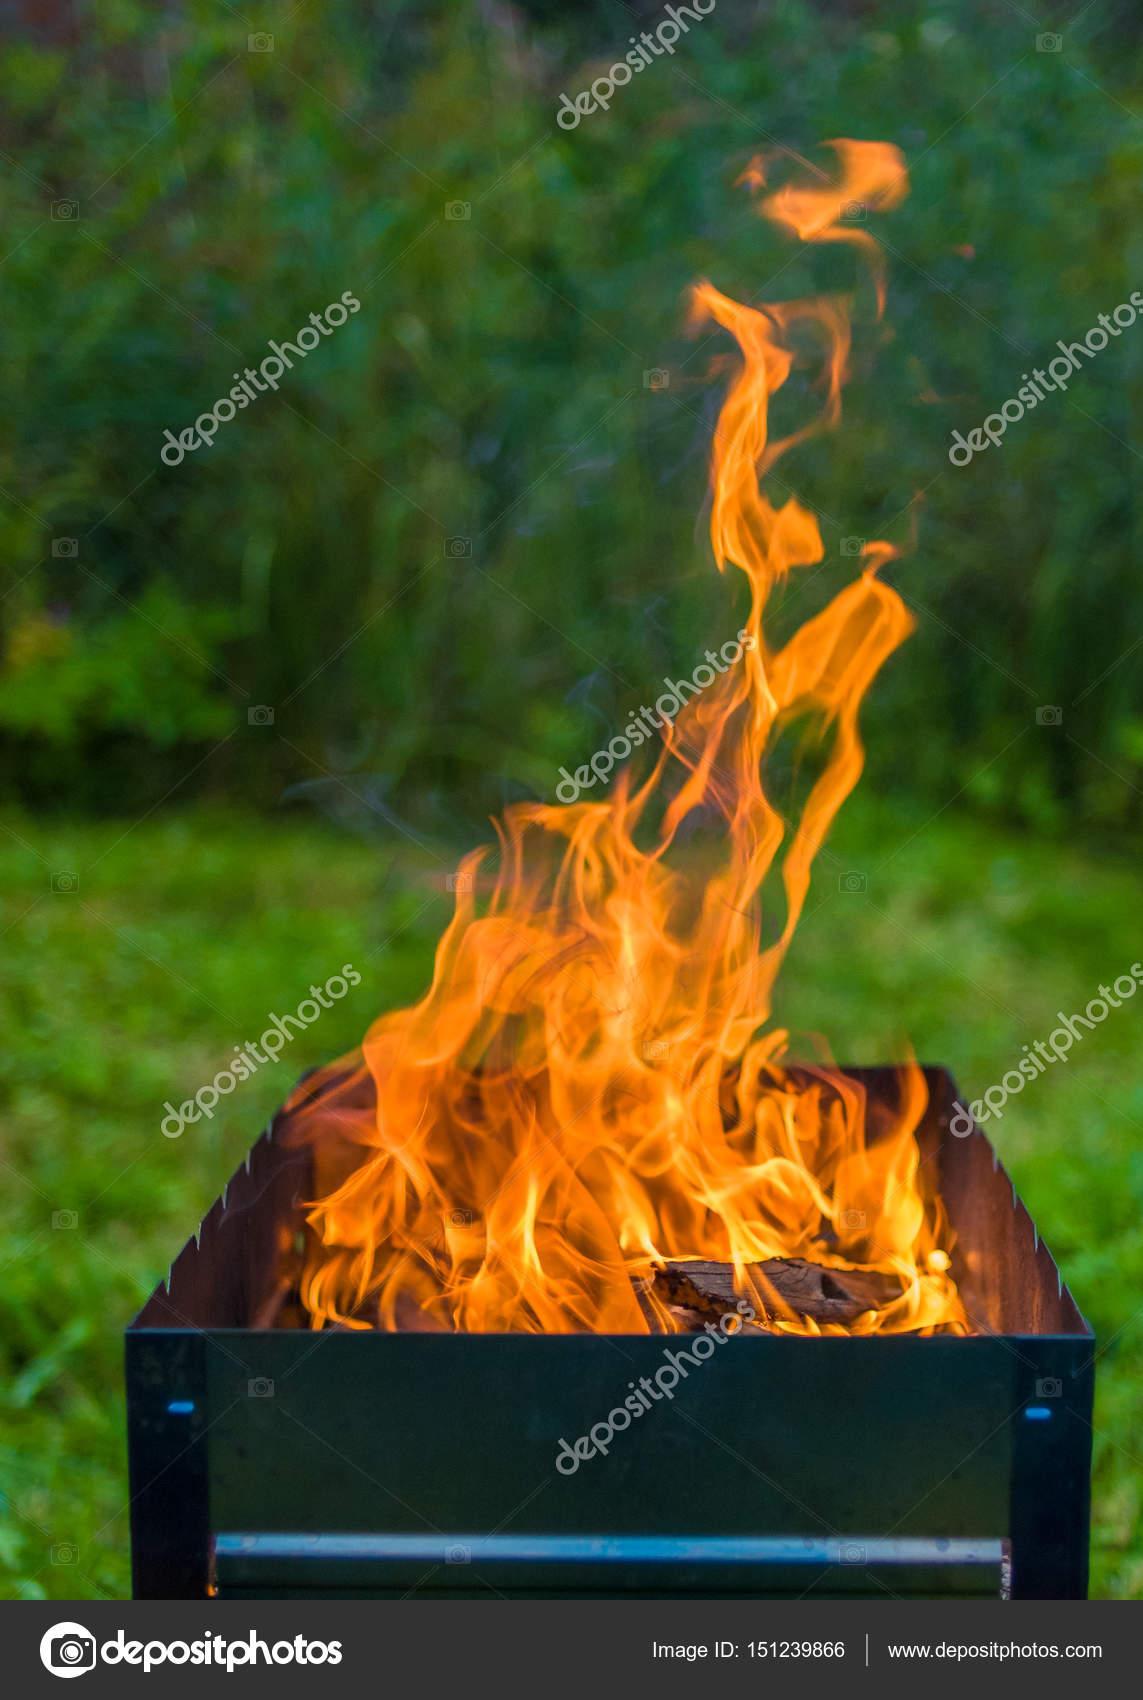 Feuer In Der Feuerschale Stockfoto Alexbr 151239866